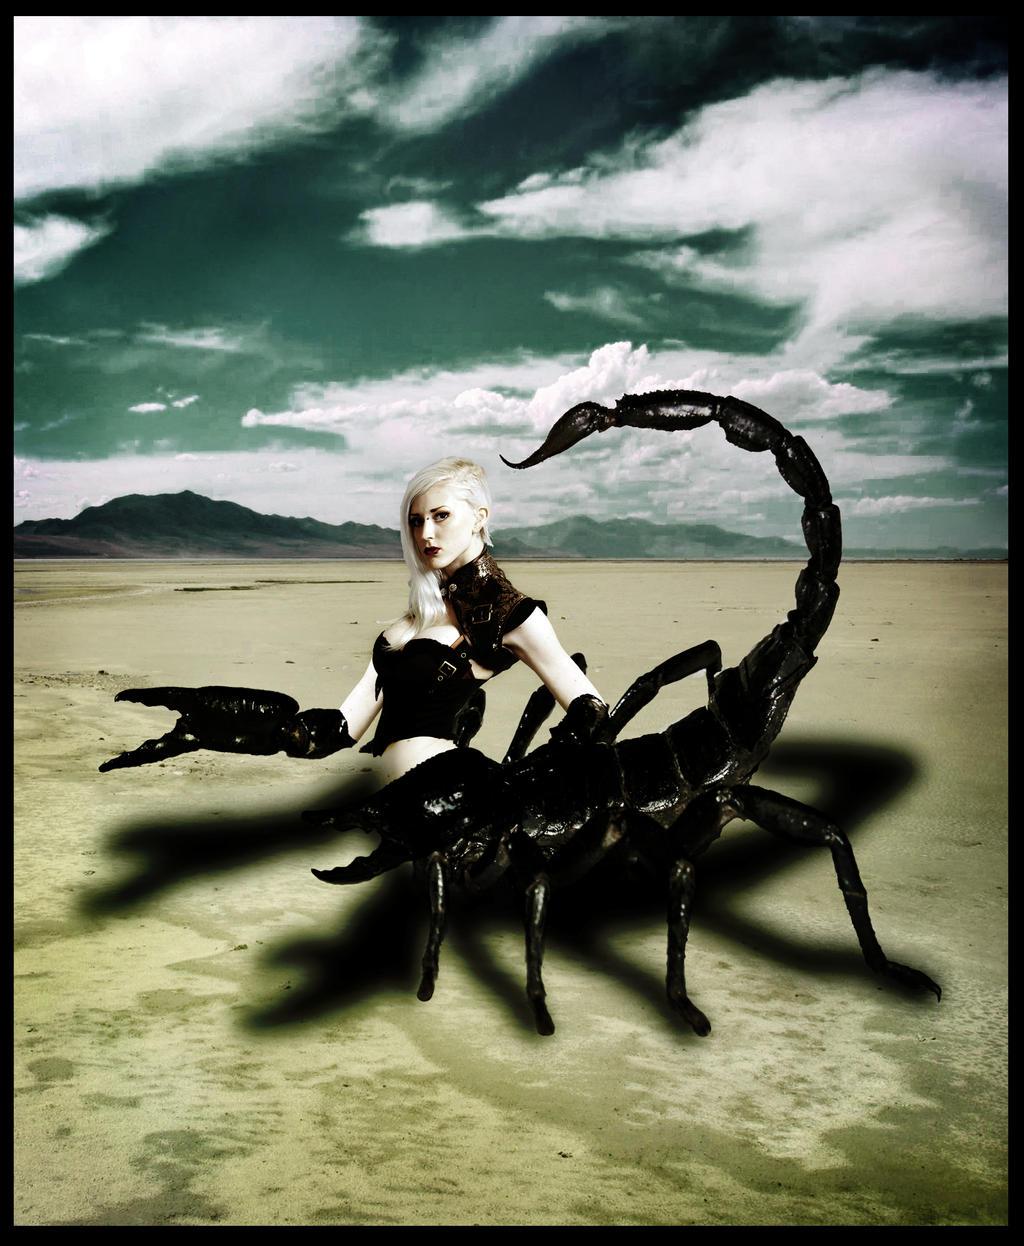 Scorpion Queen by CodeineCity